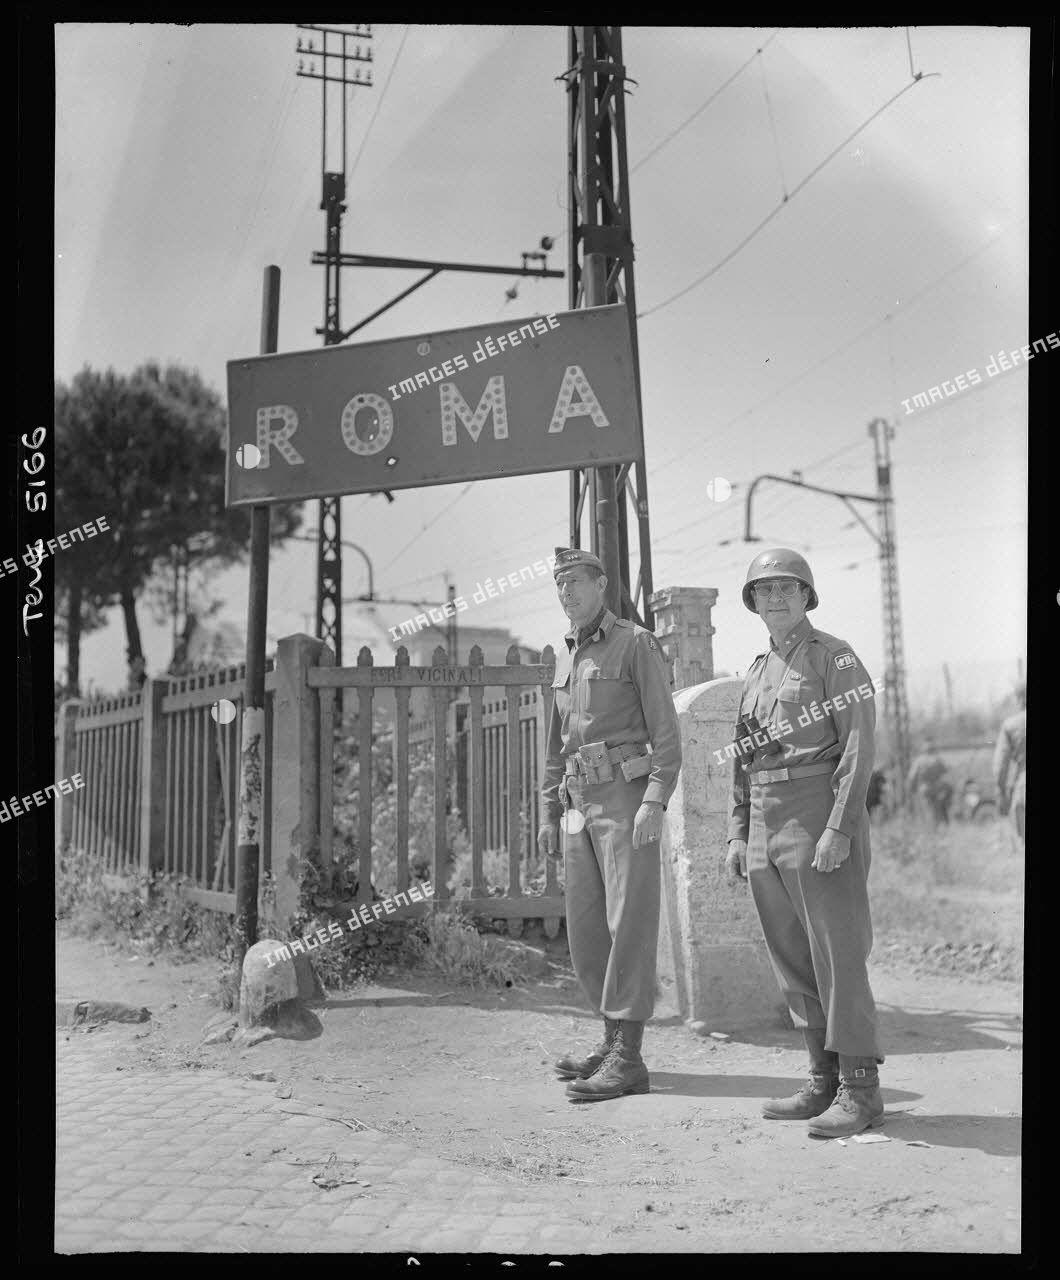 Le lieutenant general Mark Wayne Clark, commandant la 5e armée américaine, pose symboliquement devant un panneau indicateur aux portes de Rome libérée ; à ses côtés, l'un de ses grands subordonnés, le major general Geoffrey Keyes, commandant le 2e corps d'armée.